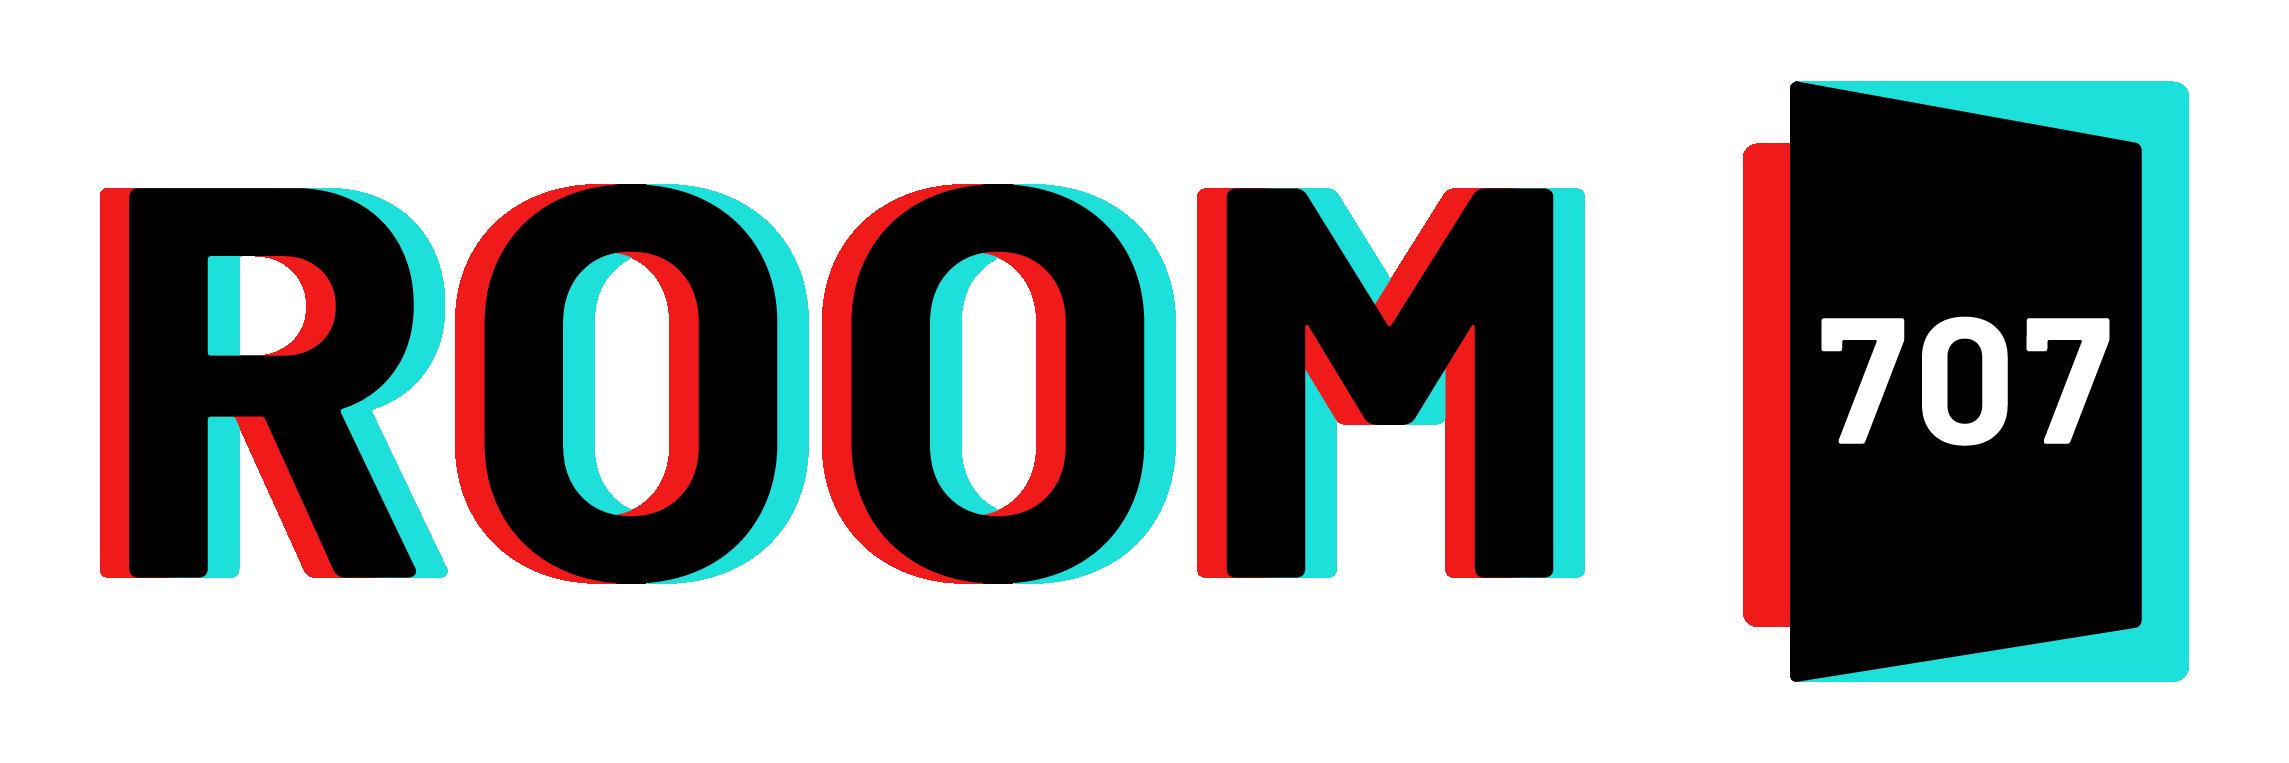 ROOM707